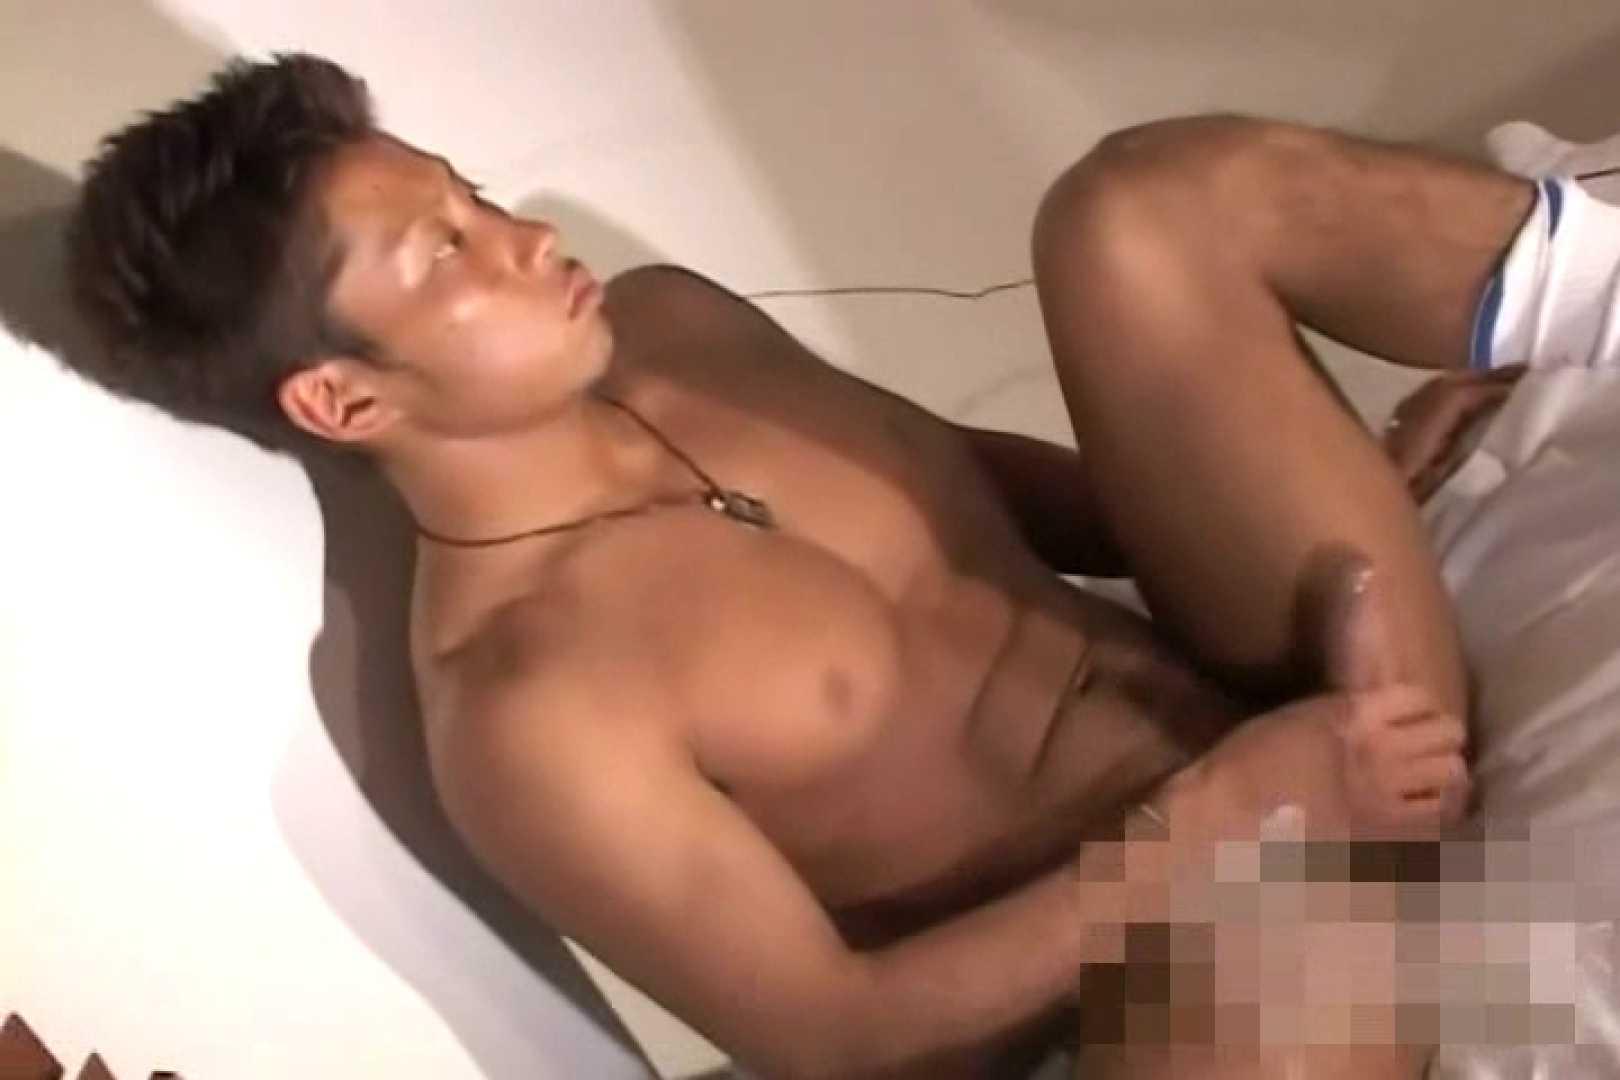 Beautiful muscle モッコリ野郎達!Vol.02 完全無修正版 ゲイアダルトビデオ画像 111枚 20